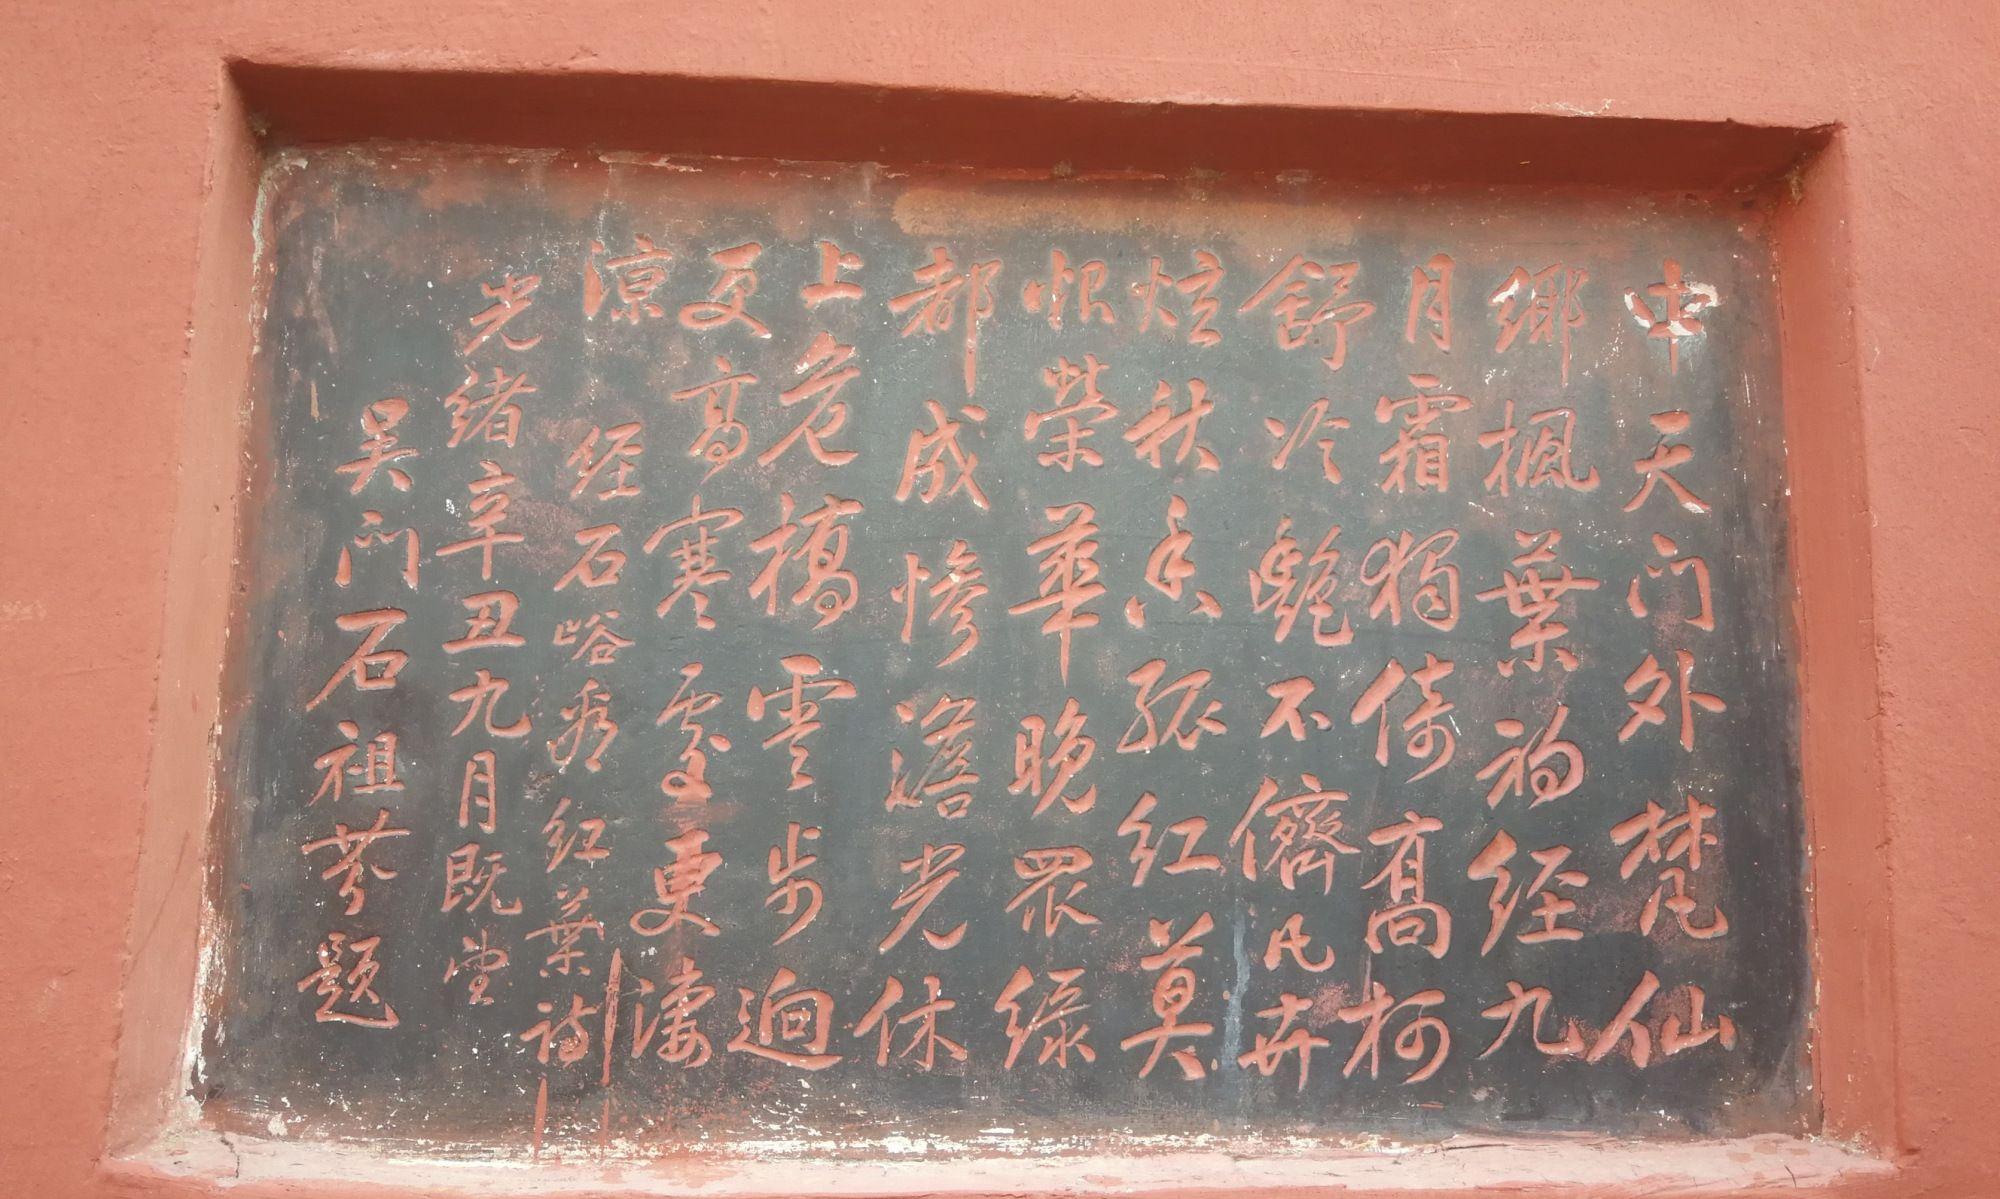 泰山石刻涵括了整个中国的书法史